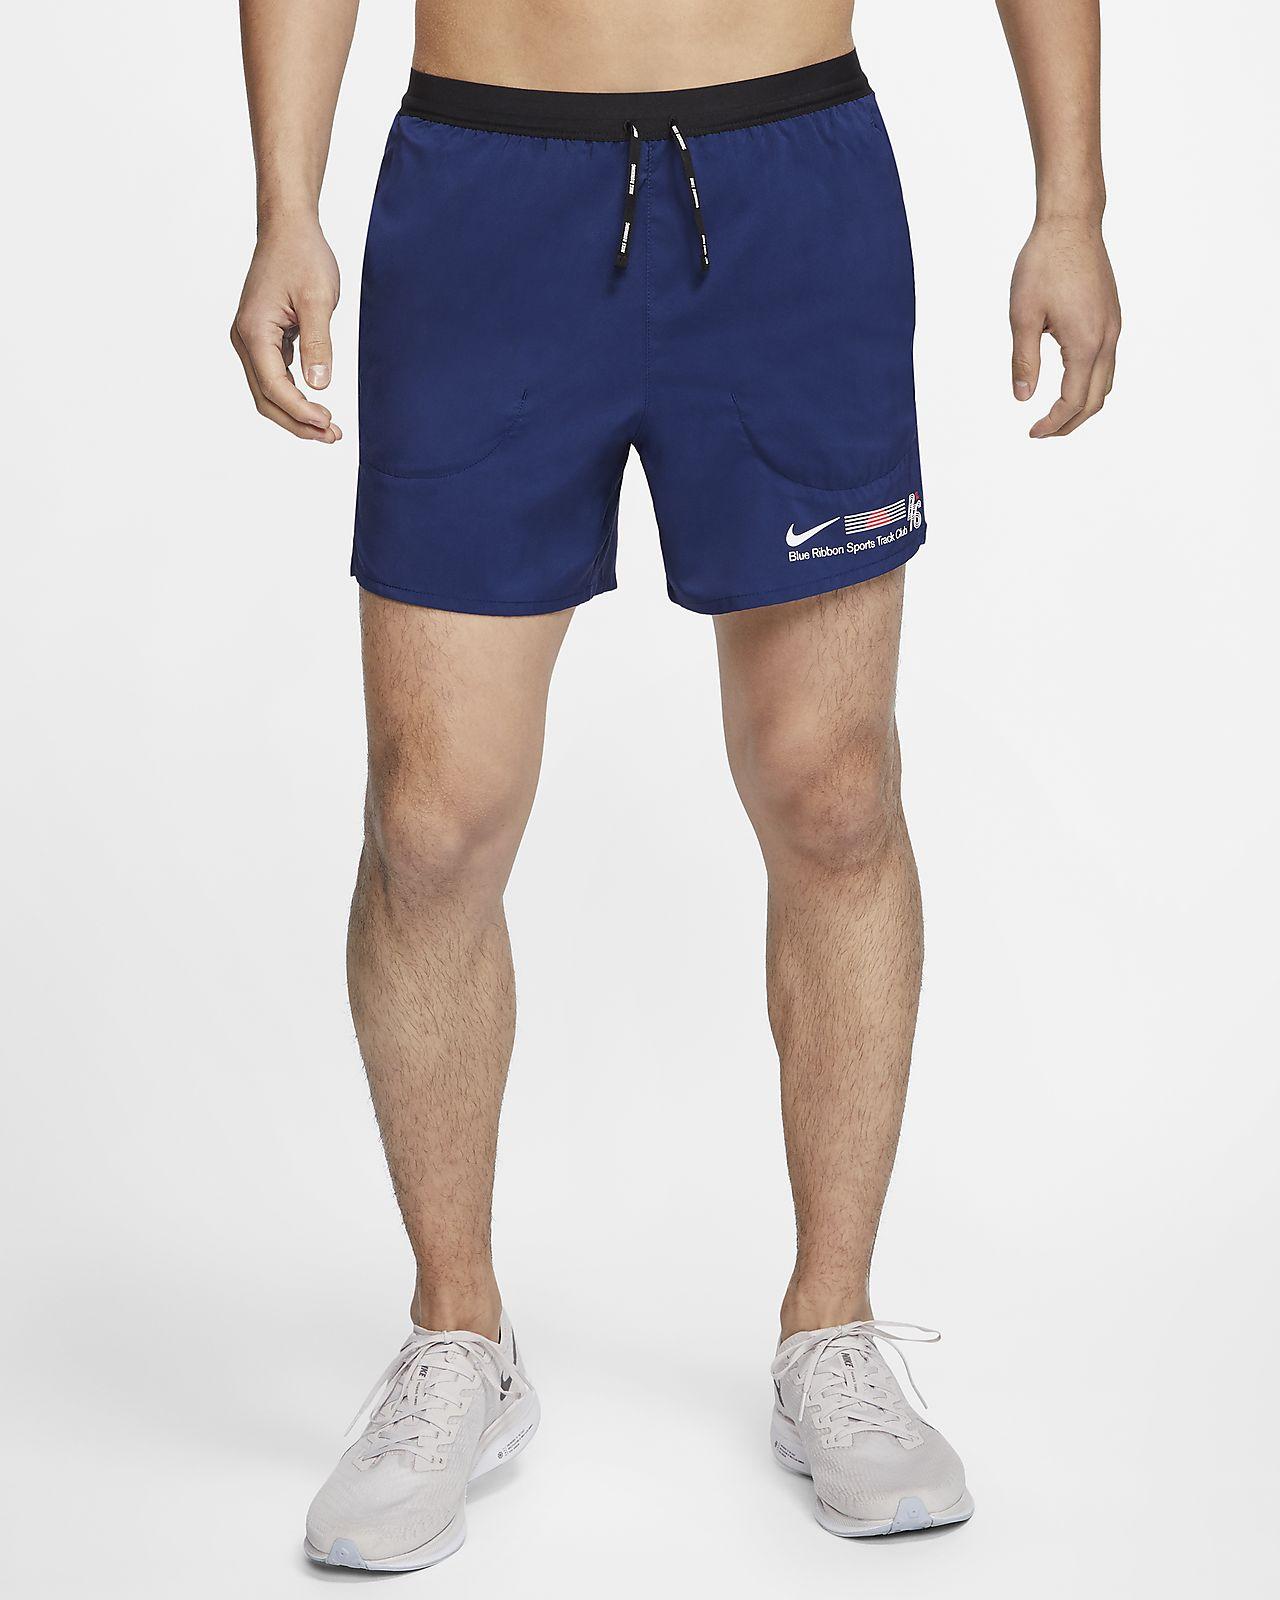 ナイキ フレックス ストライド ブルー リボン スポーツ メンズ 9cm ランニングショートパンツ (インナー付き)